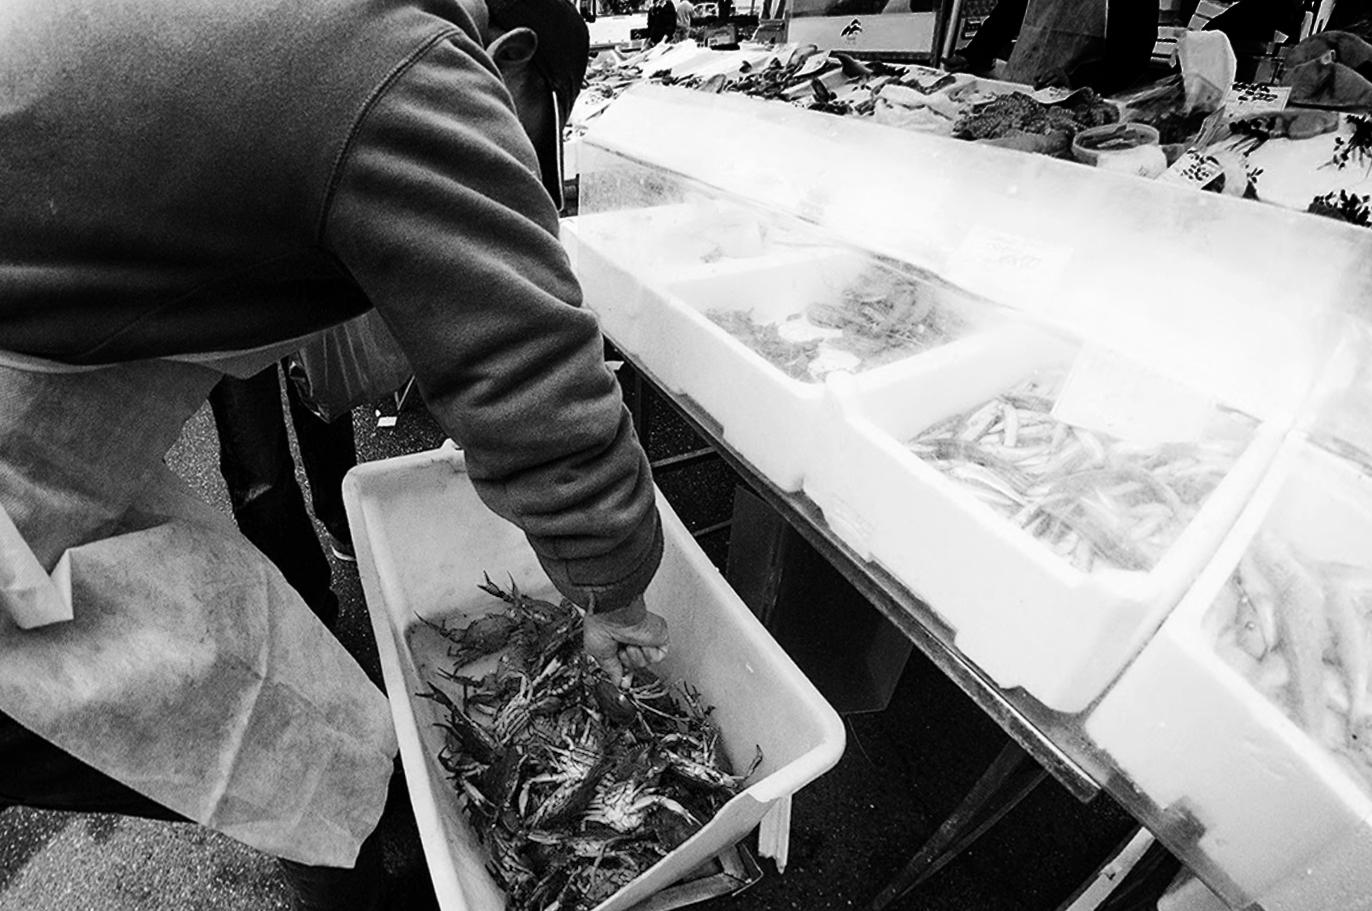 MILUNA-Ewa-Milun-Walczak-Na-Straganie-W-Dzien-targowy-Mediolan-Wlochy-bazar-targ-warzywa-ludzie-tlumy-reportaz-zakupy-3